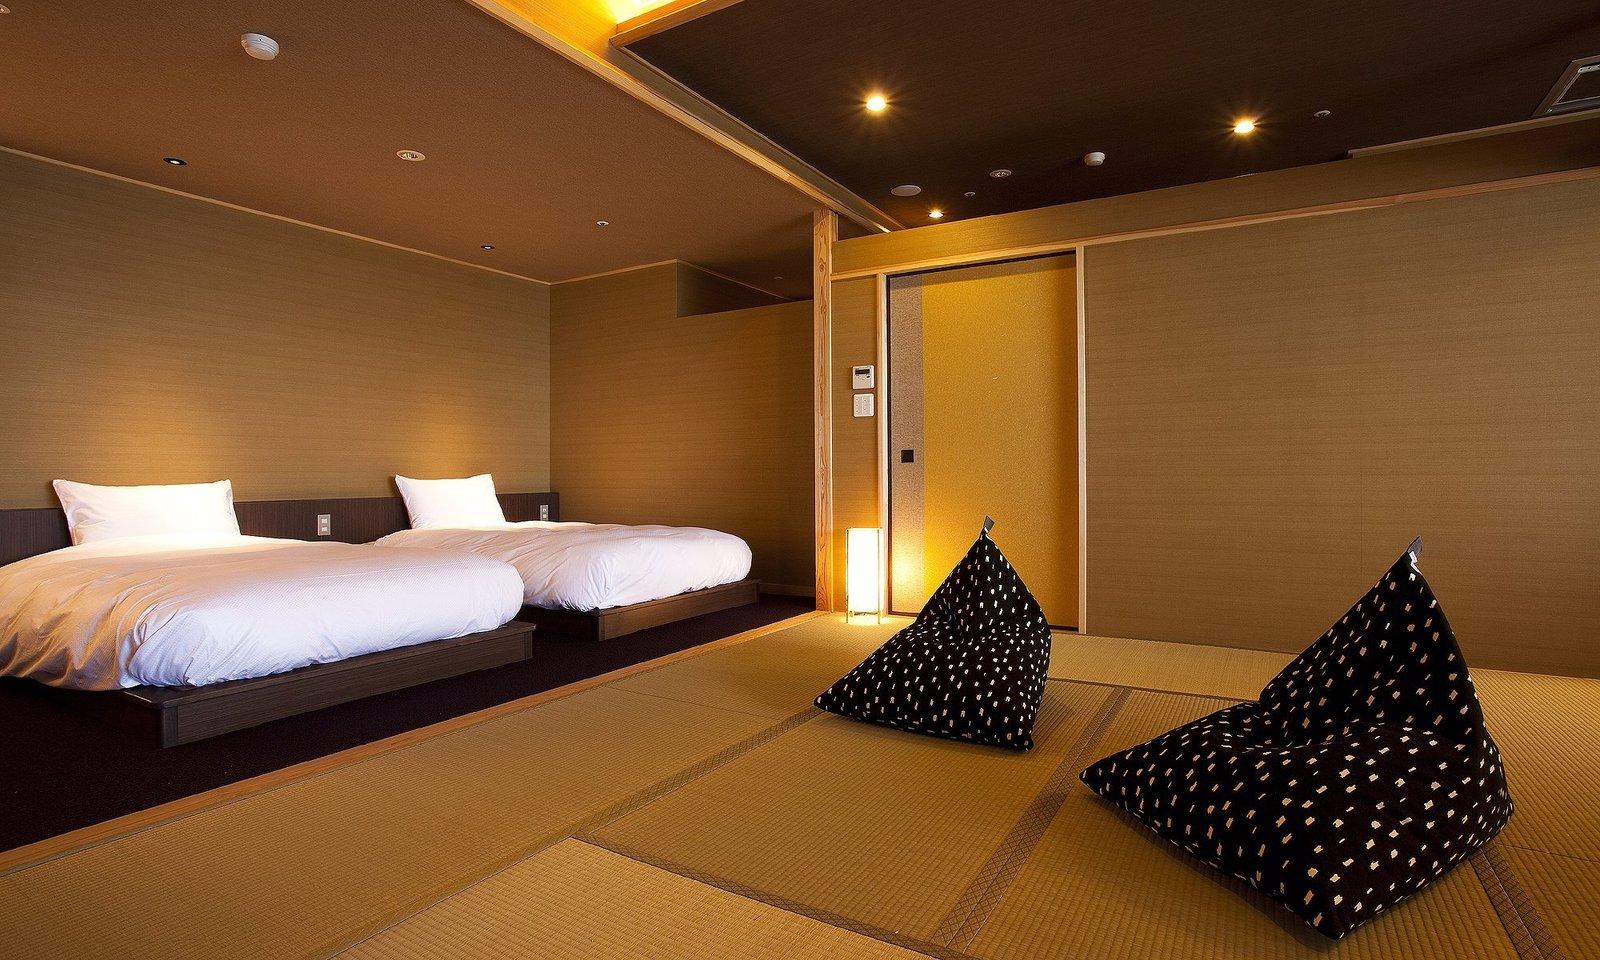 Bedroom, Bed, and Recessed Lighting  Villa Rakuen